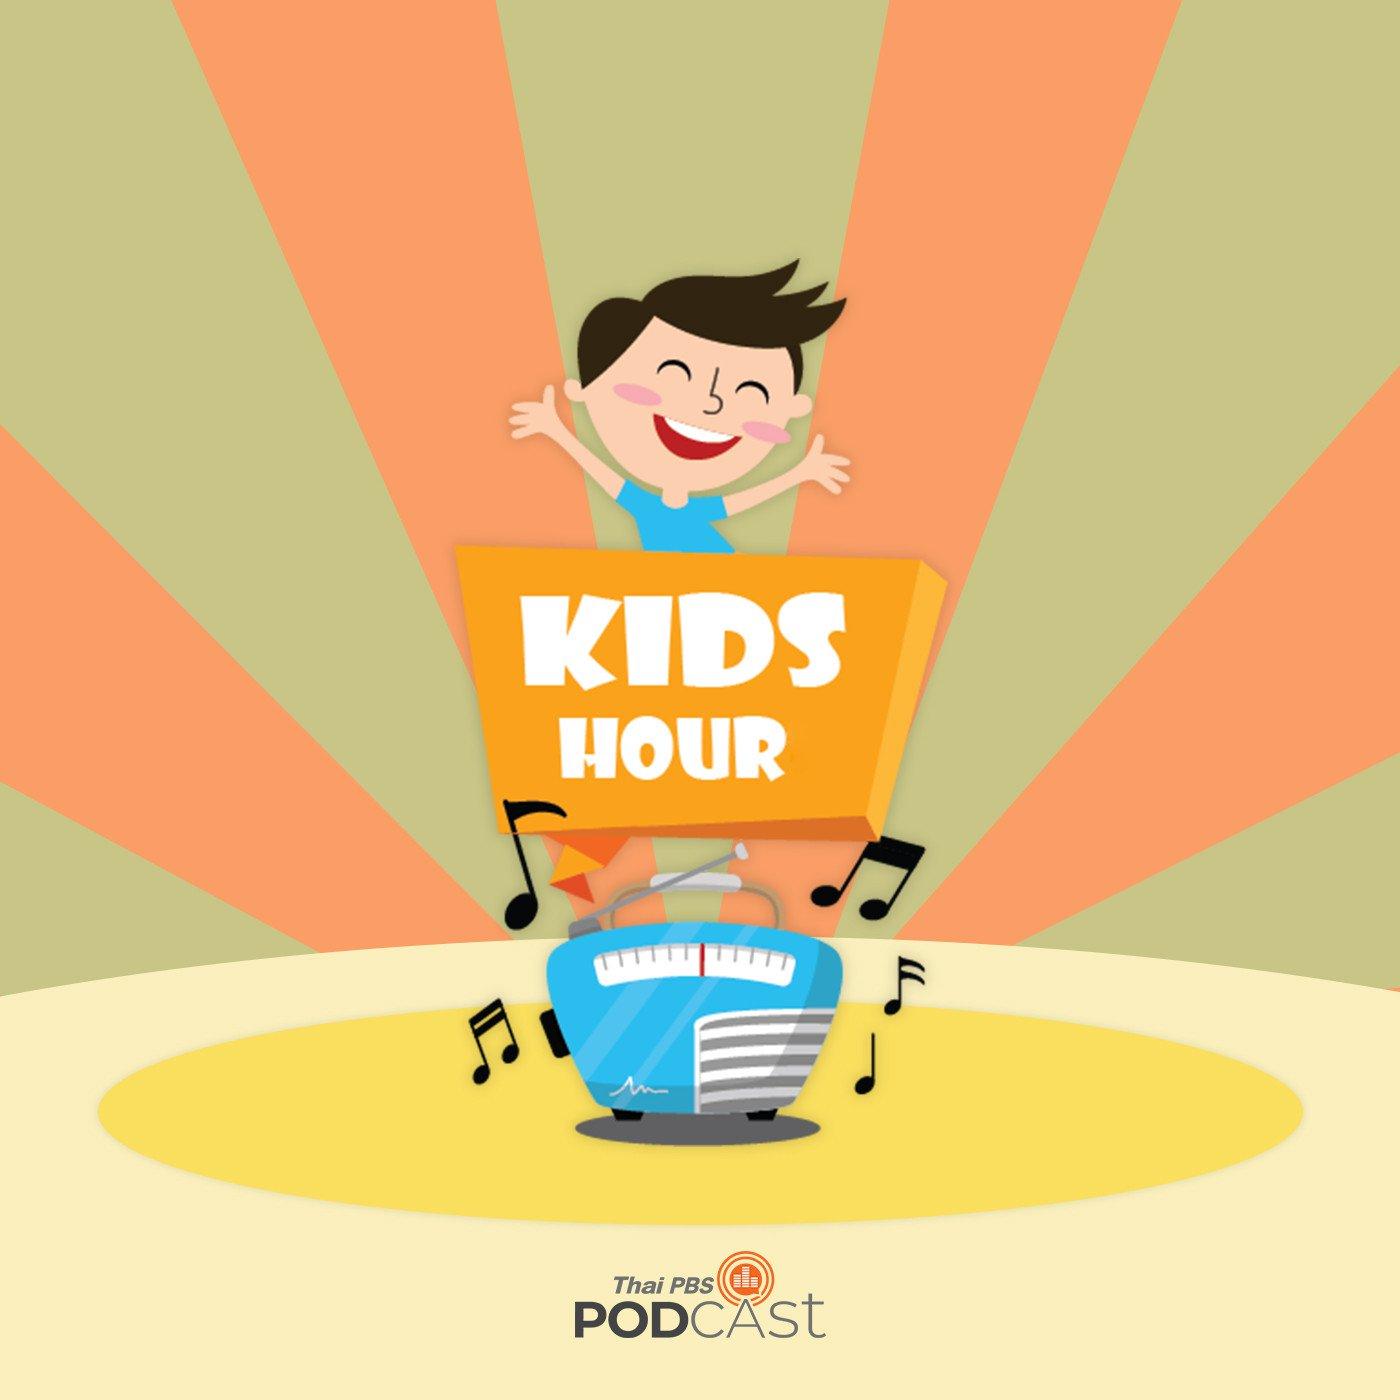 """รายการ """"สโมสรช่อสะอาด"""" ช่วง """"Kids Hours"""" วันอังคารที่ 27 เมษายน 2564 เวลา 17.00-18.00 น."""